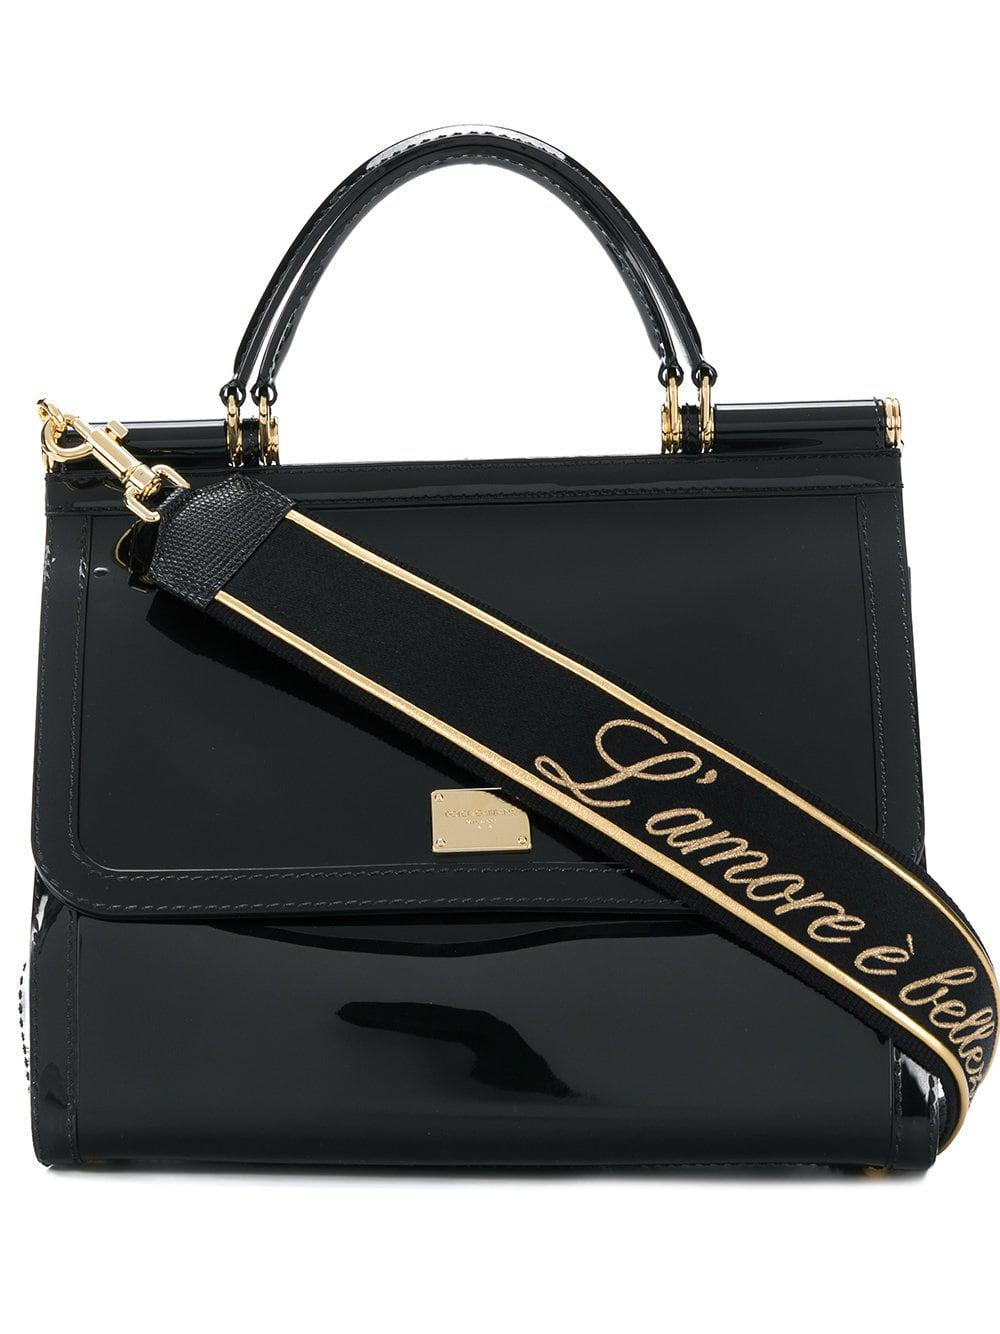 716c2112f7 Lyst - Dolce   Gabbana Sicily L amour Shoulder Bag in Black - Save 4%